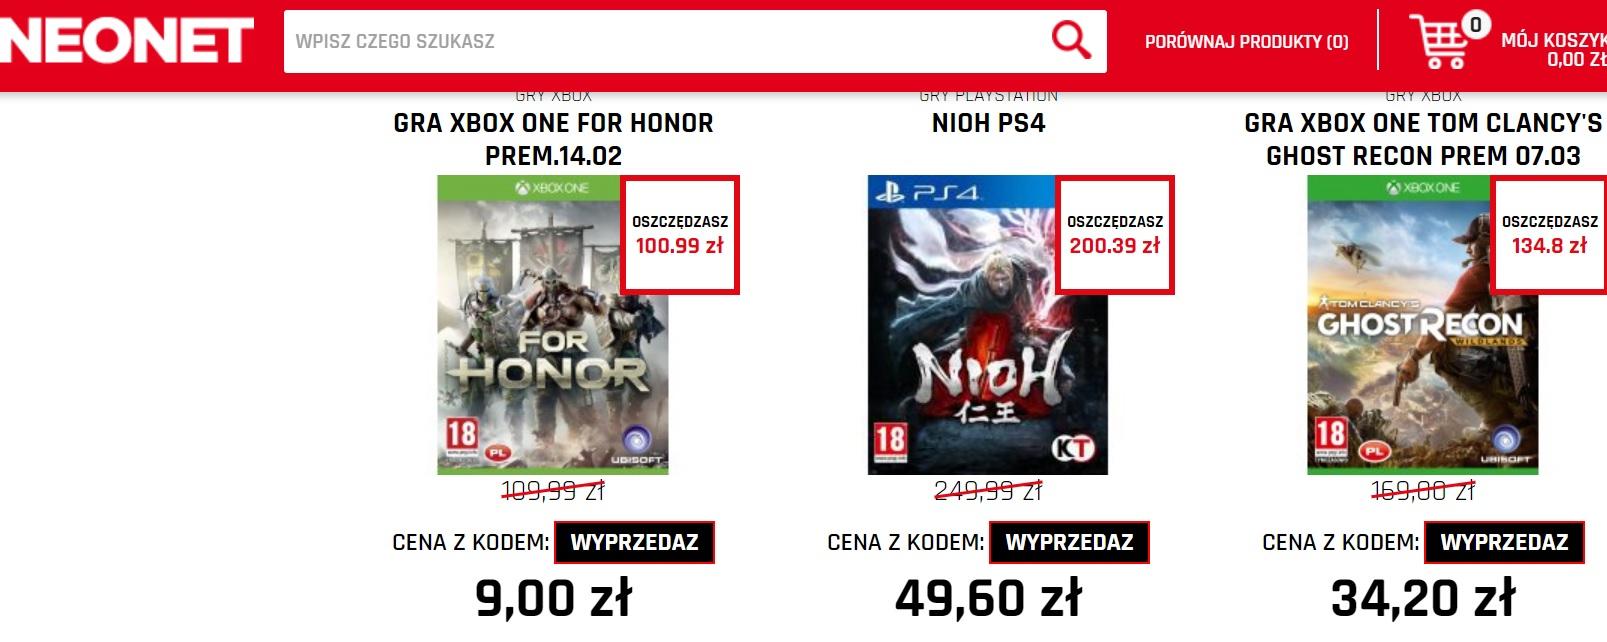 WYPRZEDAŻ GIER np. For Honor XBOX ONE/PS4 za 9zł, FIFA 17 PC za 1 zł, Starcraft 2 za 9 zł i wiele innych